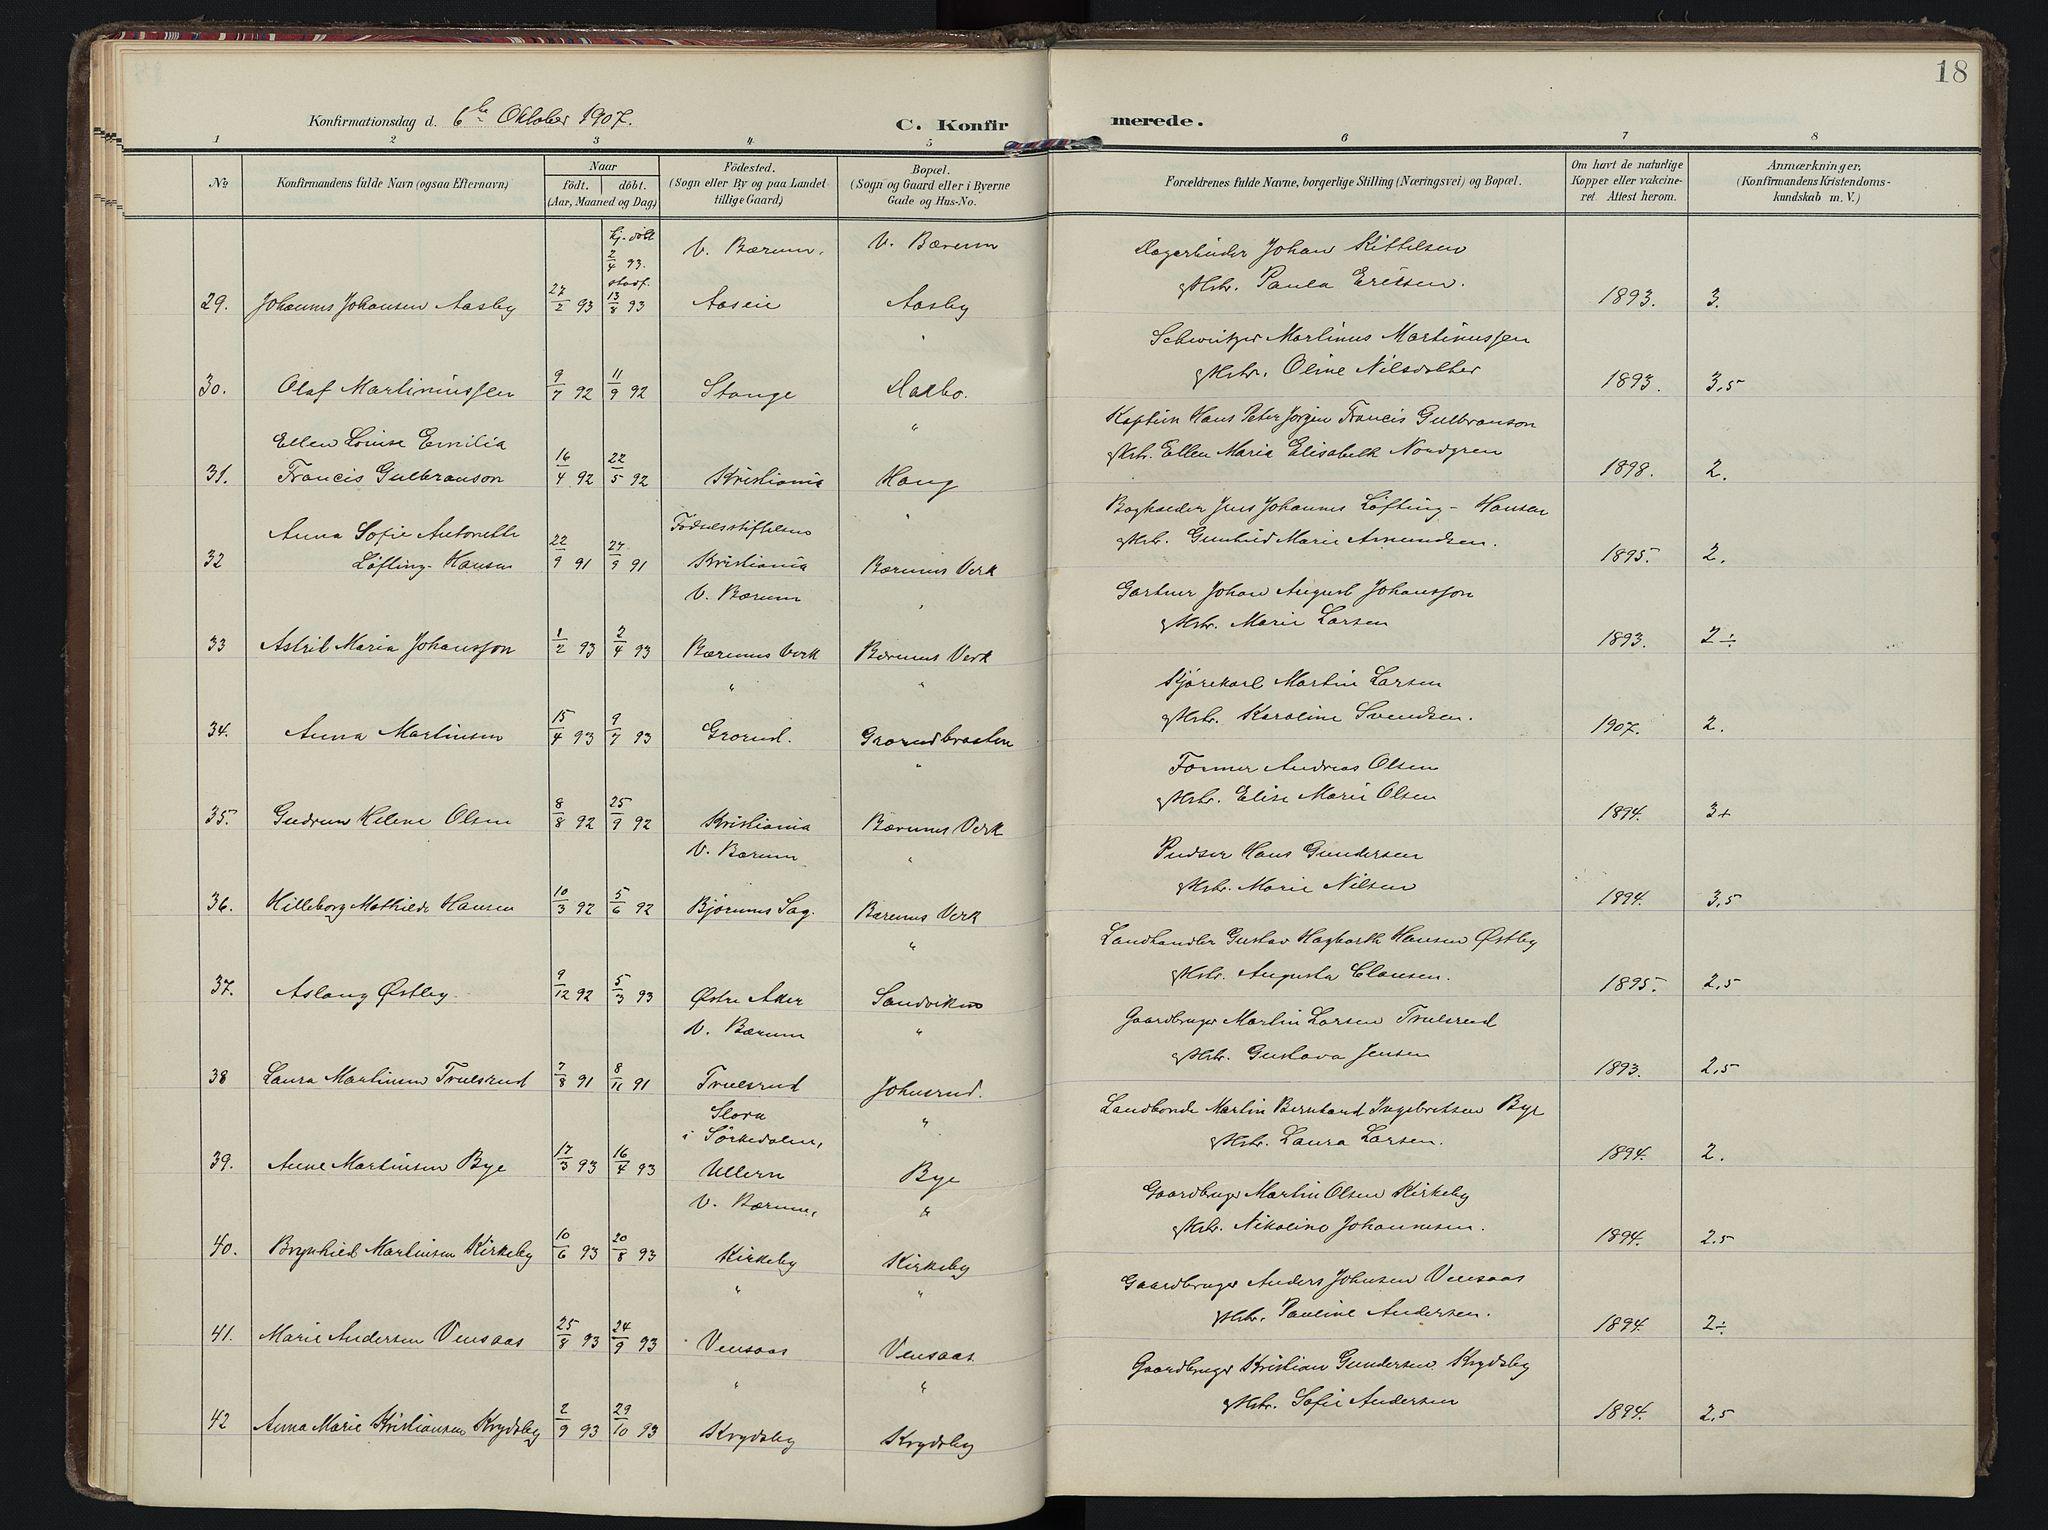 SAO, Vestre Bærum prestekontor Kirkebøker, F/Fa/L0002: Ministerialbok nr. 2, 1905-1920, s. 18